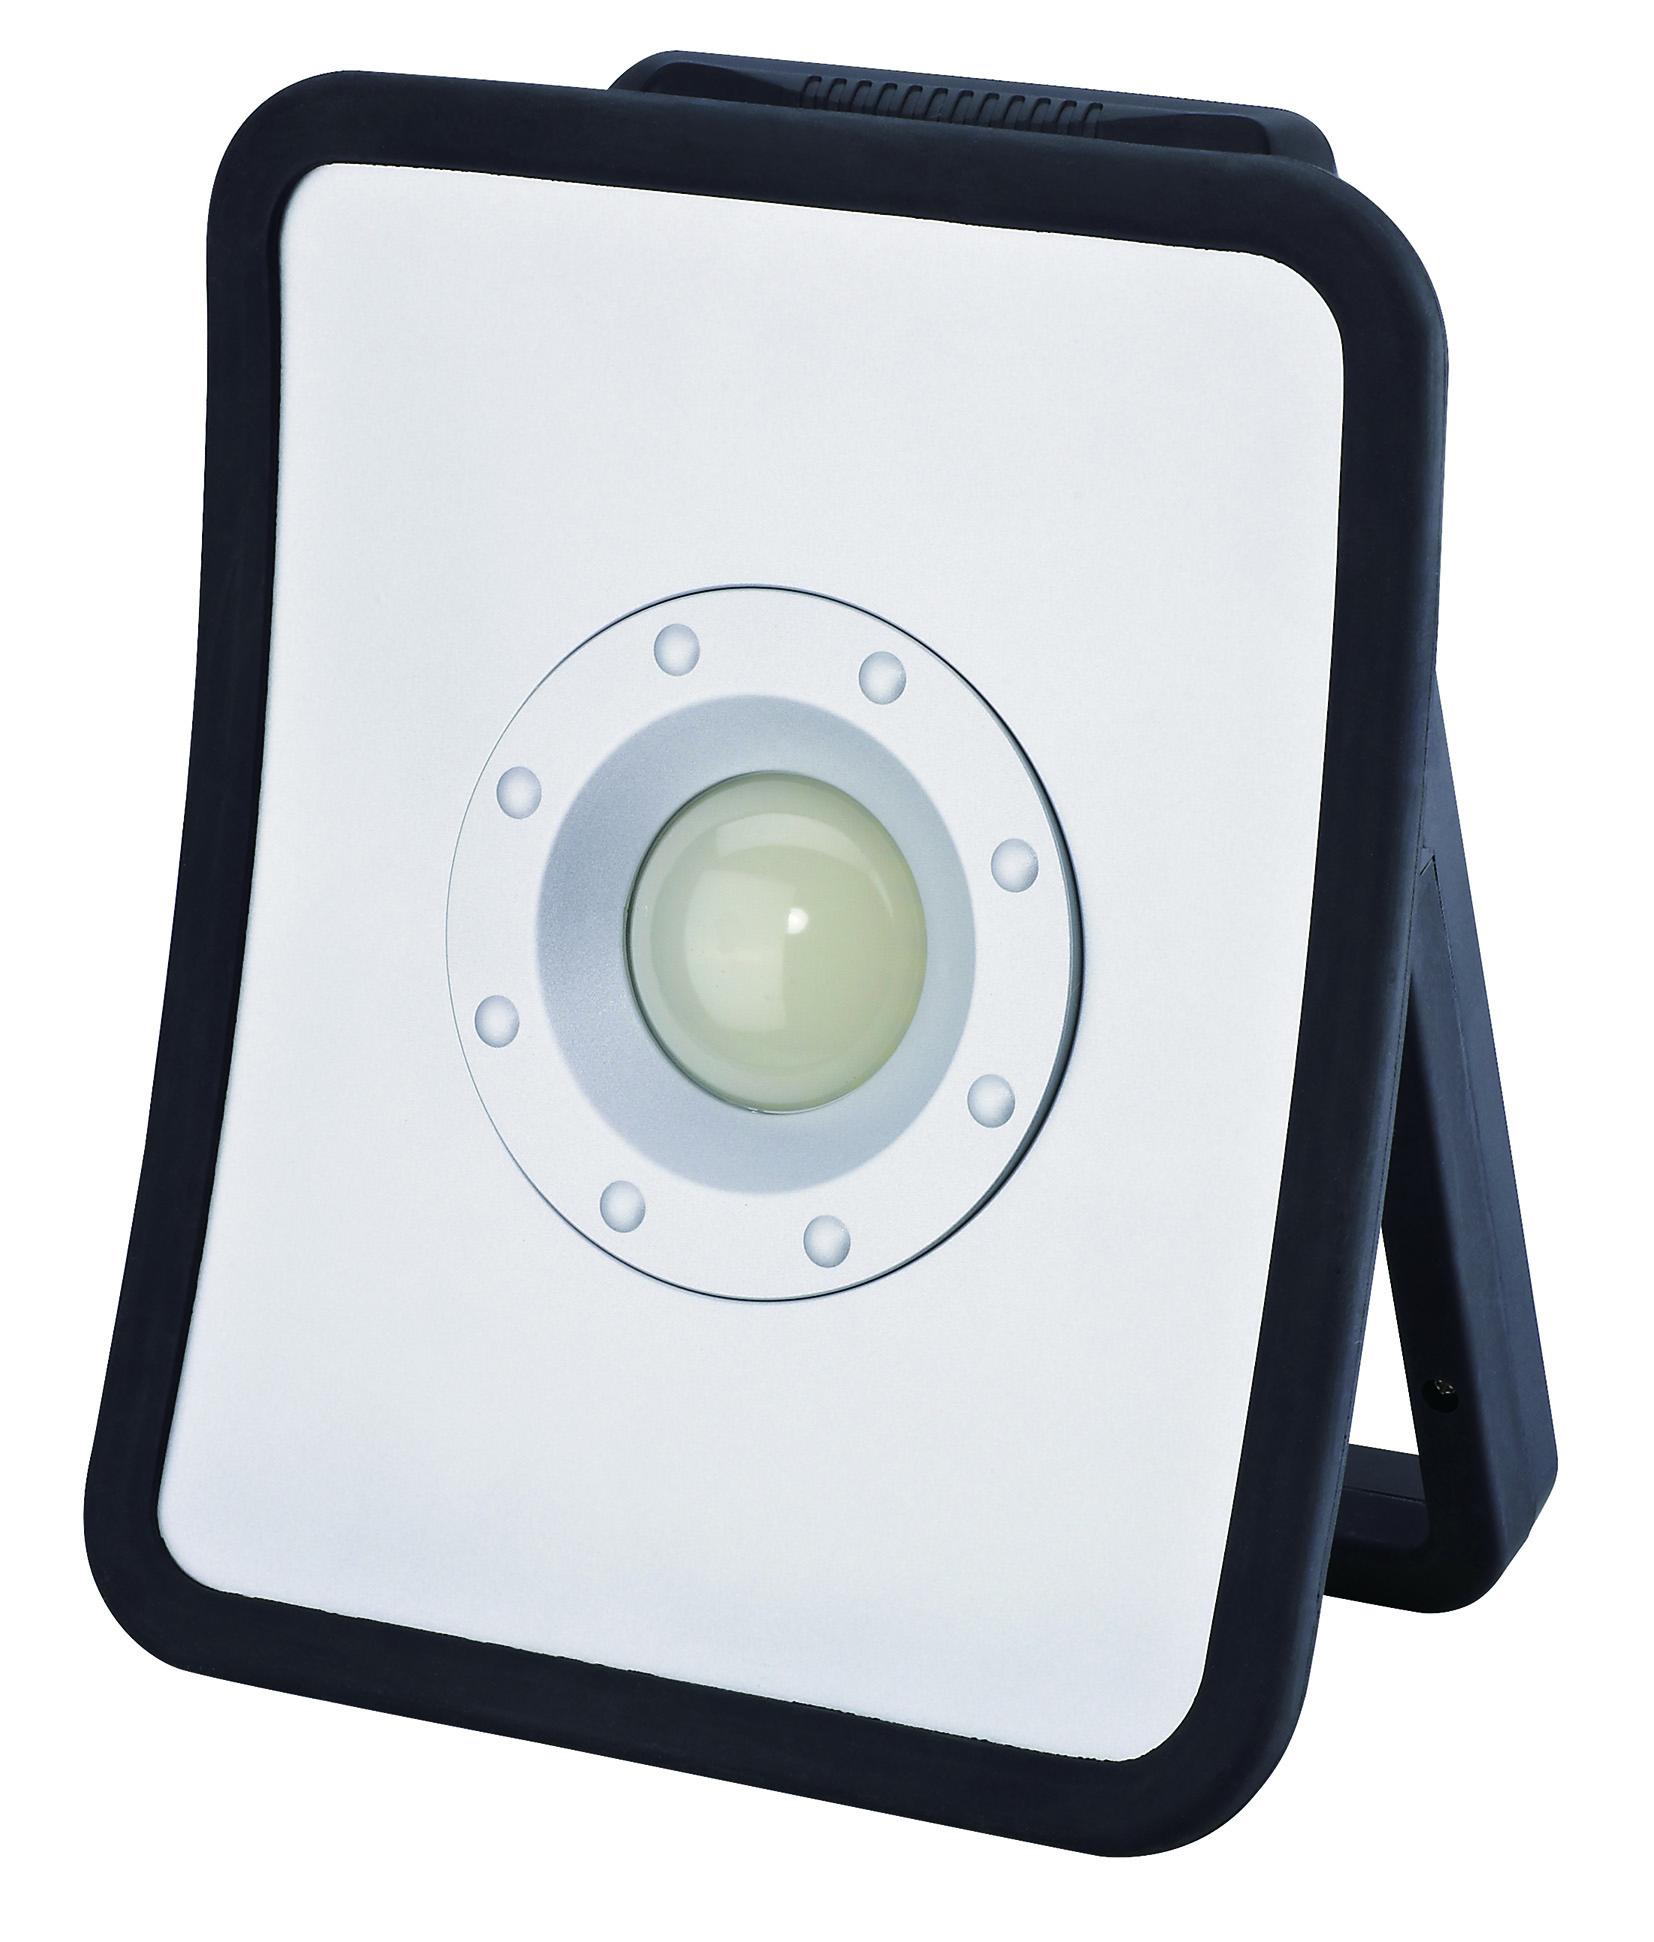 Spot LED 36W - 2400 Lumens - I-Watts Pro